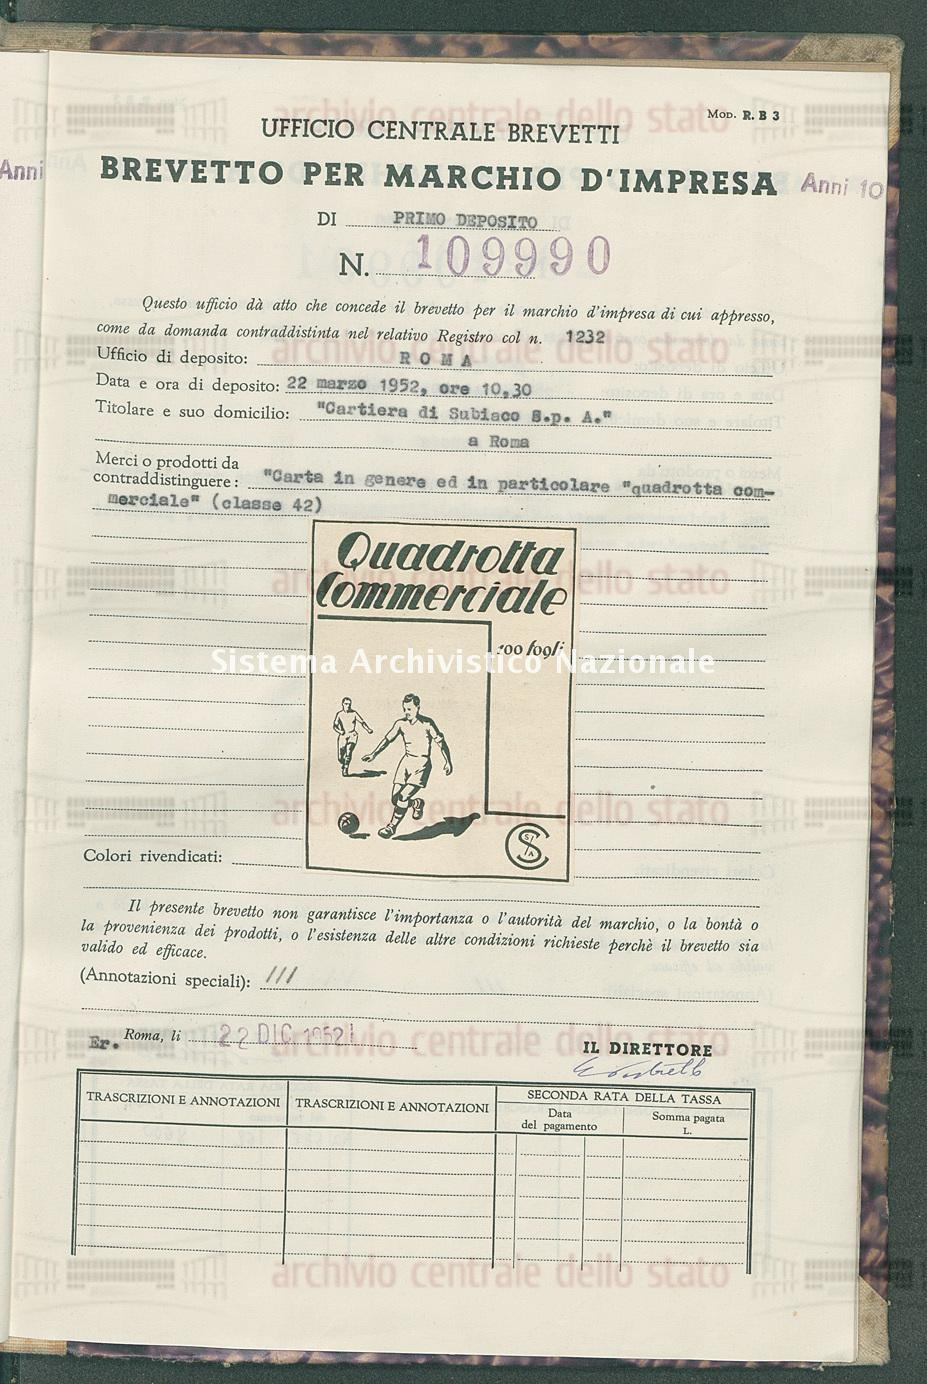 'Carta in genere ed in particolare 'quadrotta commerciale' 'Cartiera Di Subiaco S.P.A.' (22/12/1952)